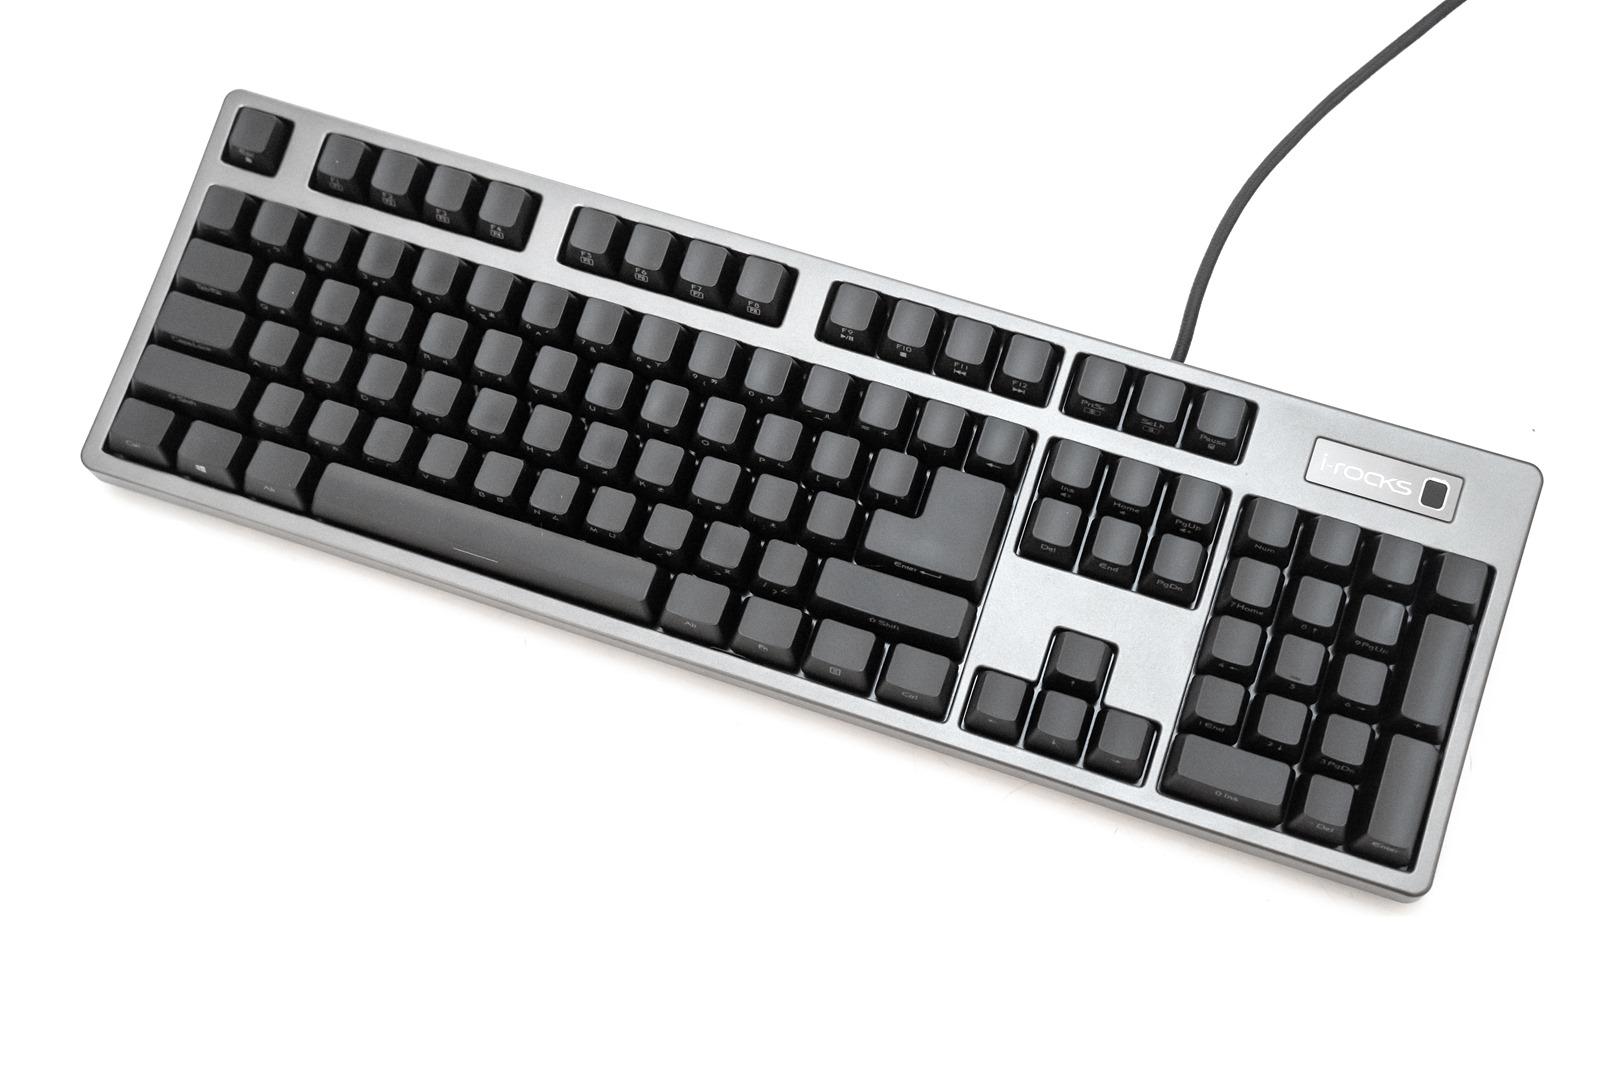 好打又好用!最推薦入手的 i-rocks K68M 指紋辨識機械鍵盤 – 3C 達人廖阿輝